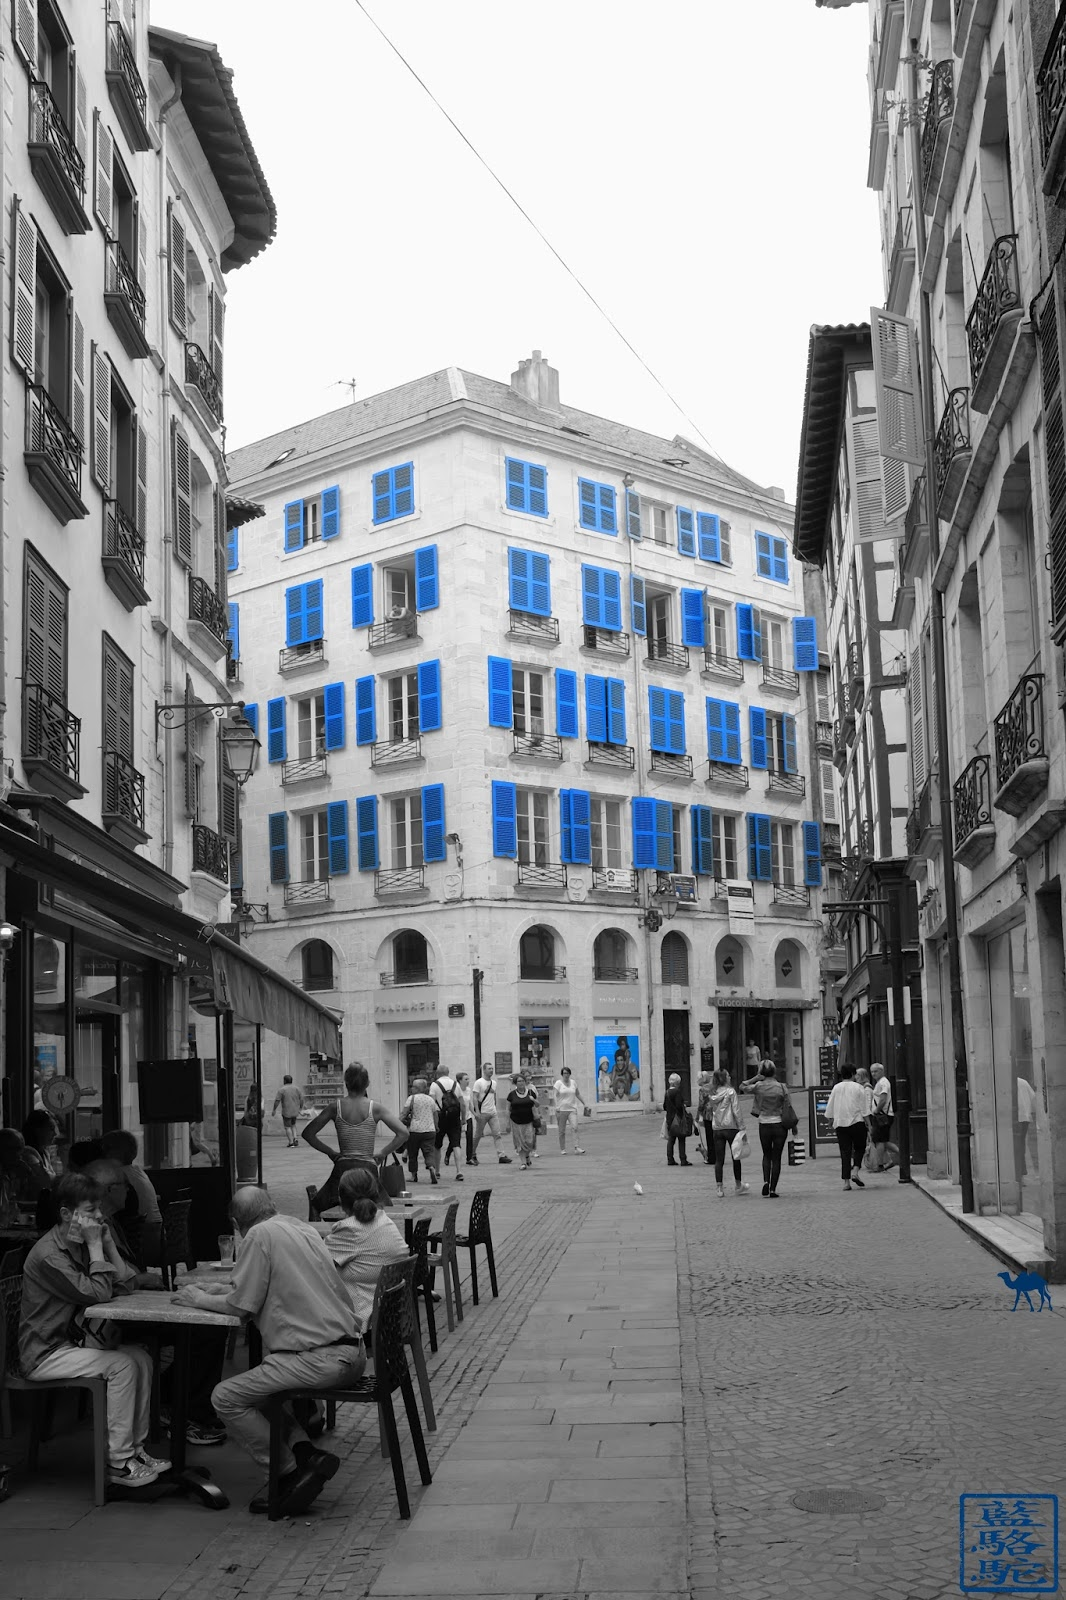 Le Chameau Bleu - Bayonne et sa baisse aux volets bleus